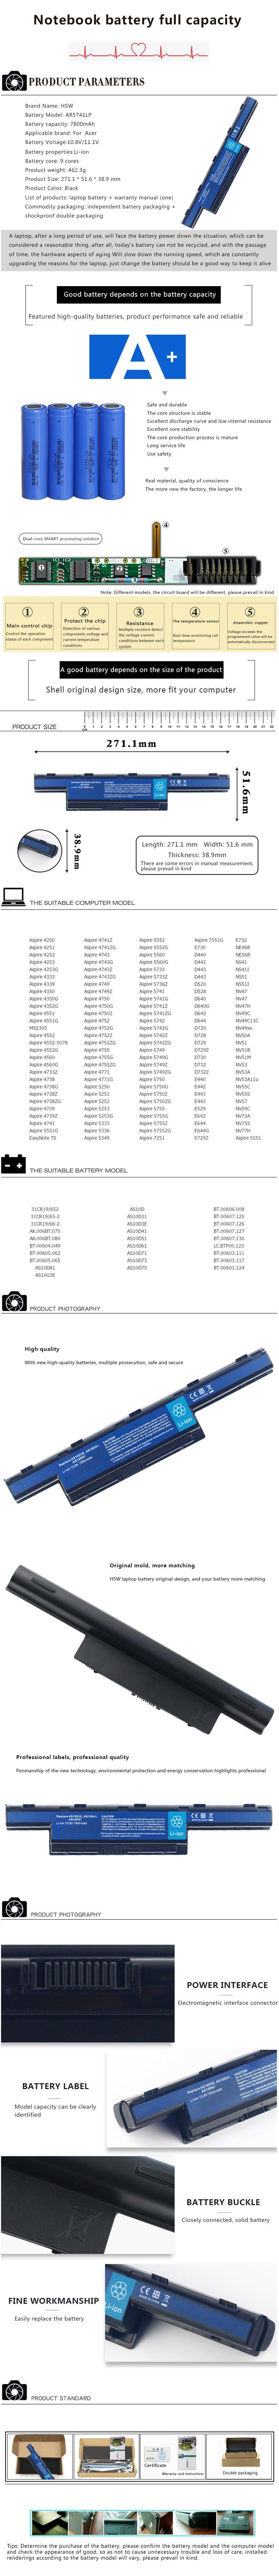 5b5c5034f57 HSW 9 celular nueva batería para acer aspire 4741 5742G 5552G 5742 5750G  5741G AS10D31 AS10D51 AS10D81 AS10D75 AS10D61 AS10D41 AS10D71